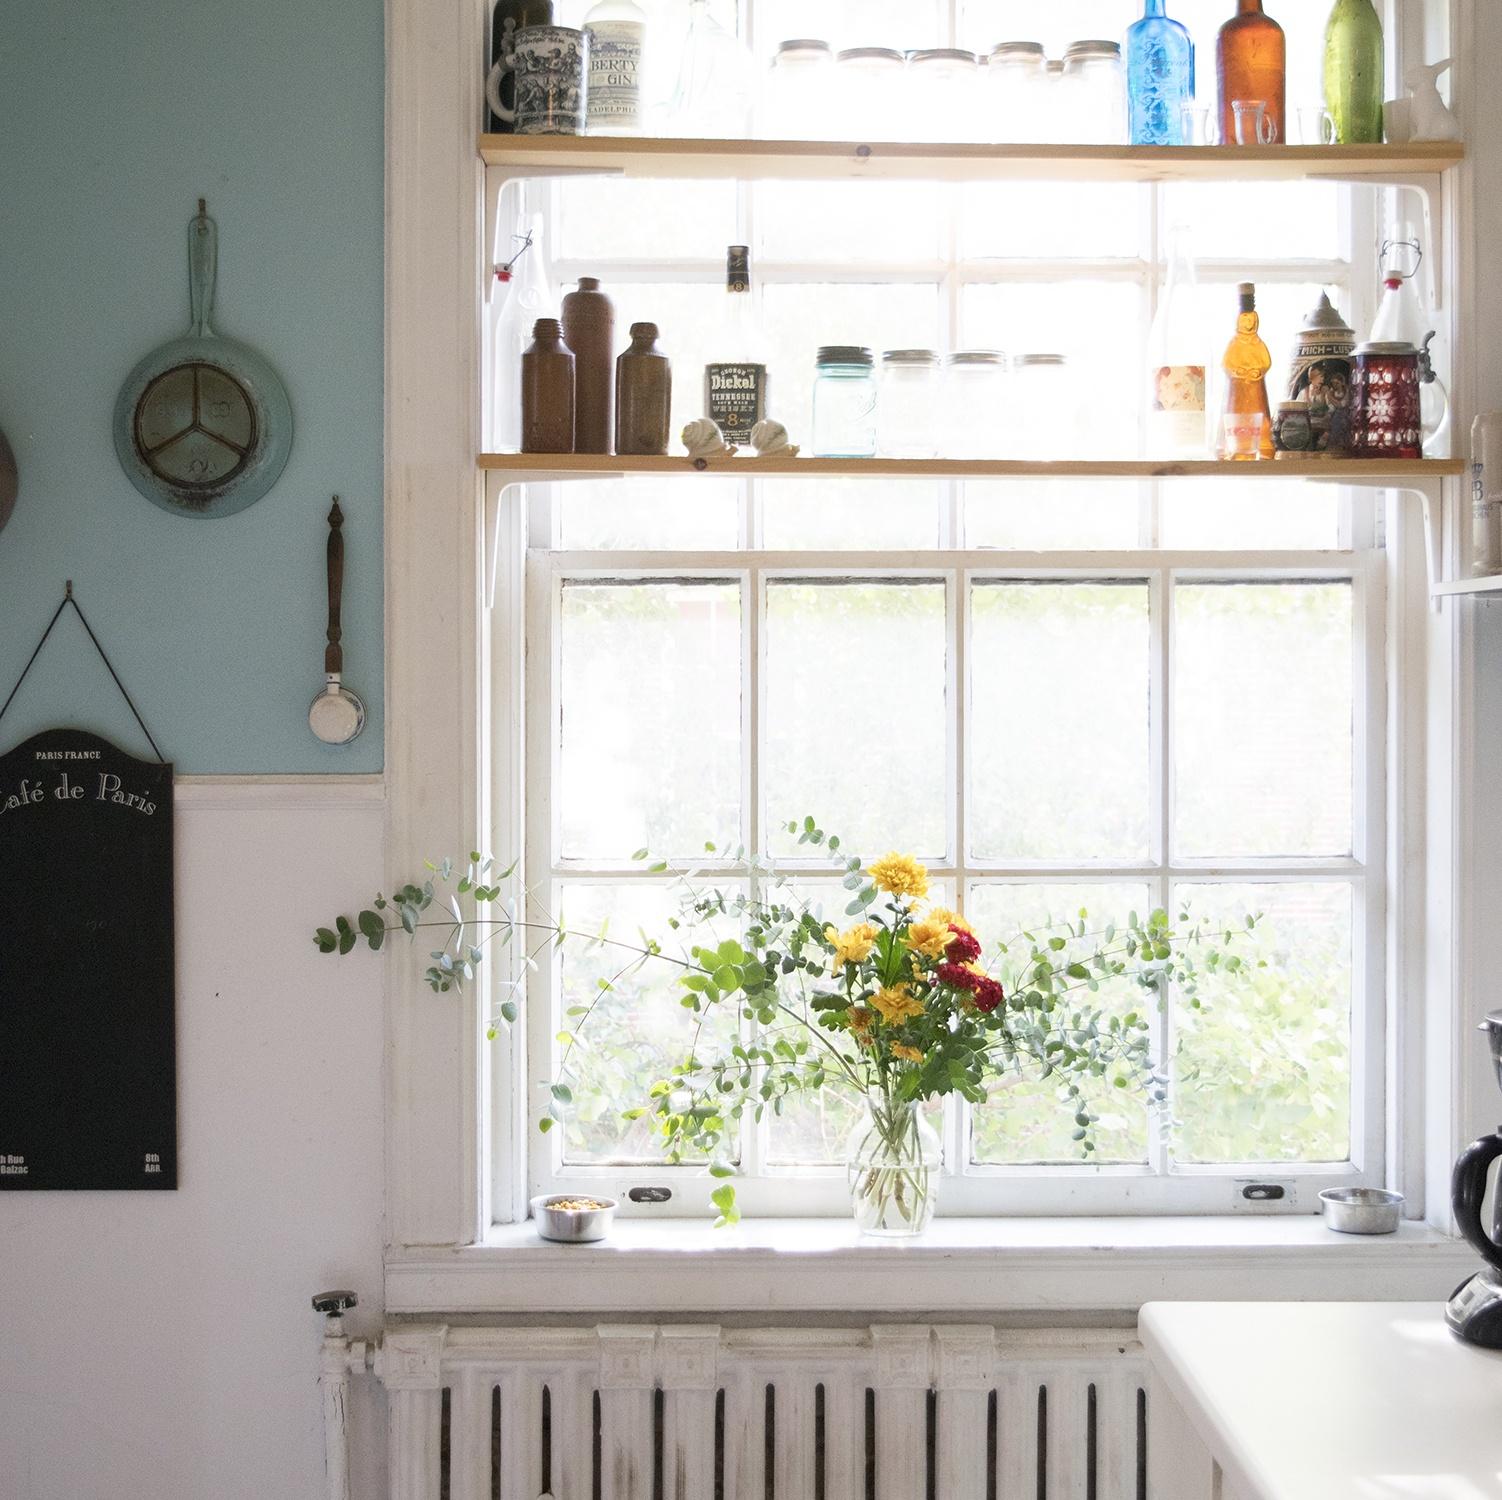 kitchen-window-shot